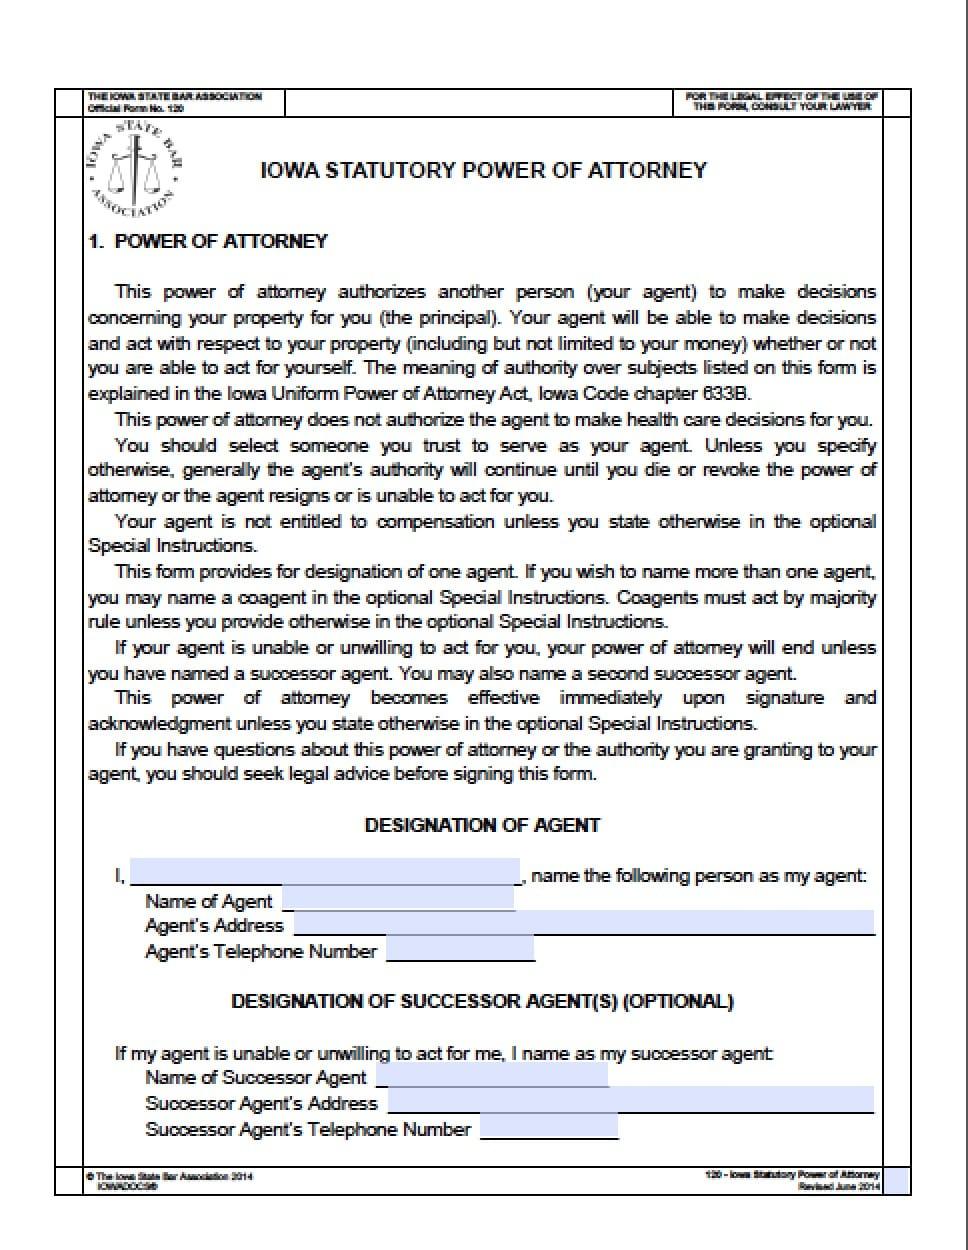 power of attorney form iowa  Iowa Durable Financial Power of Attorney Form - Power of ...